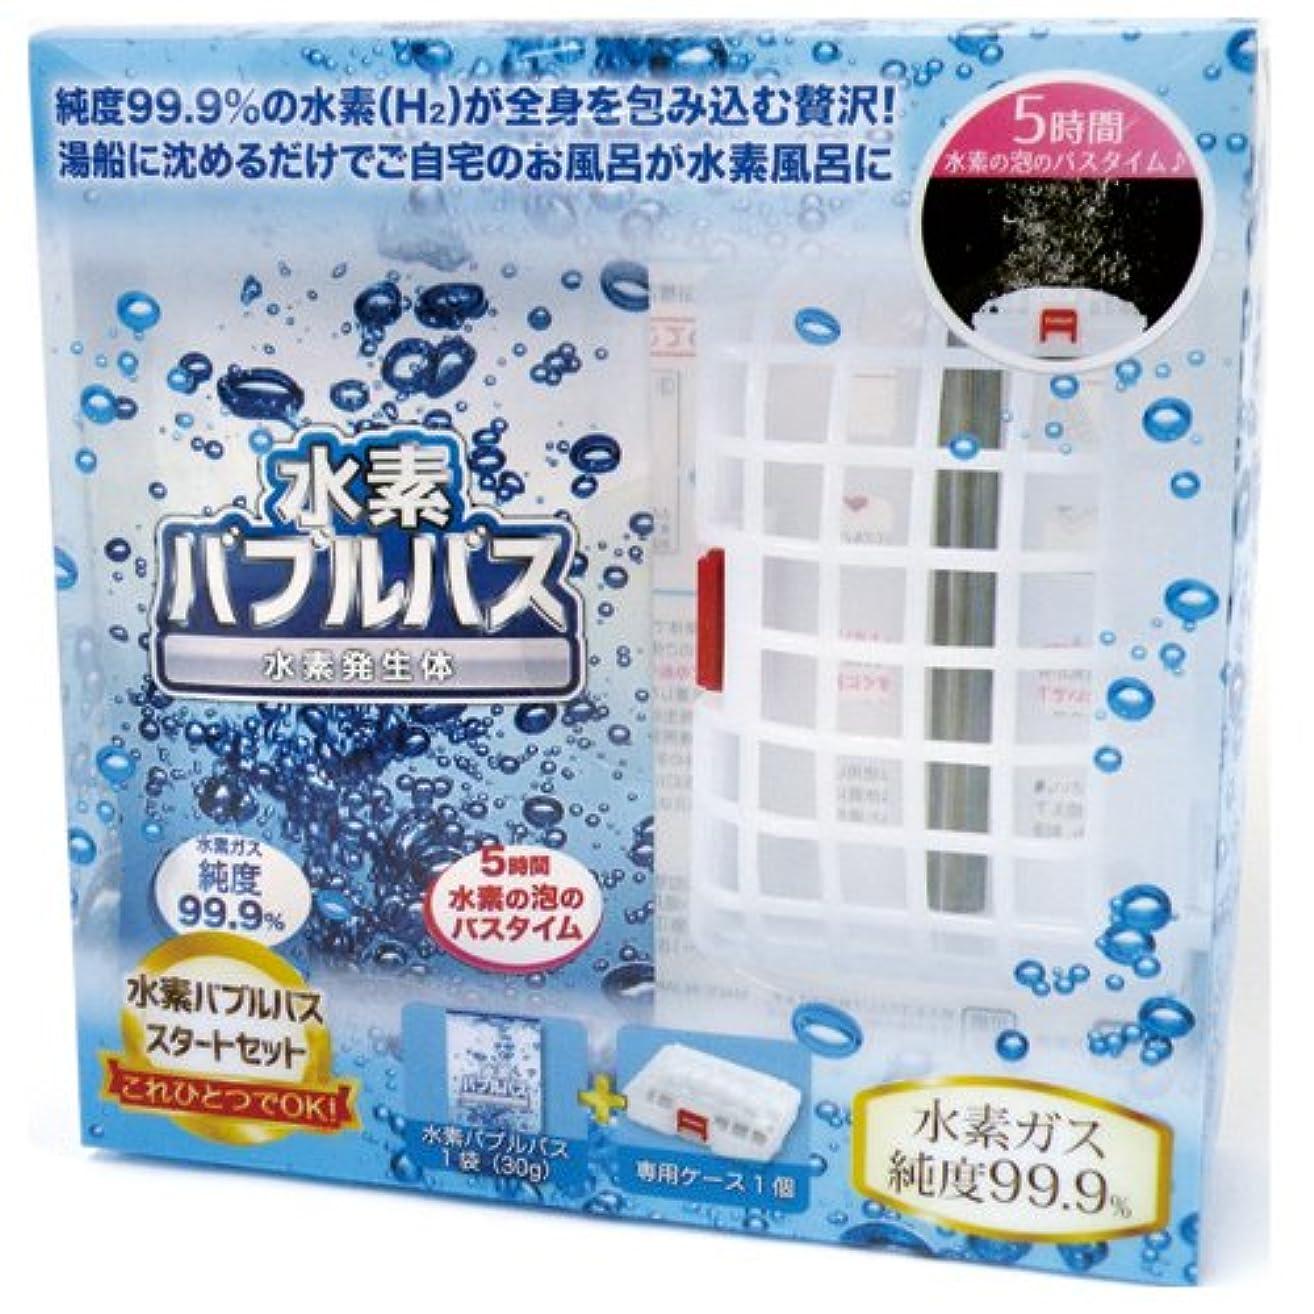 不健全番号ソーダ水朋コーポレーション 水素バブルバス スタートセット